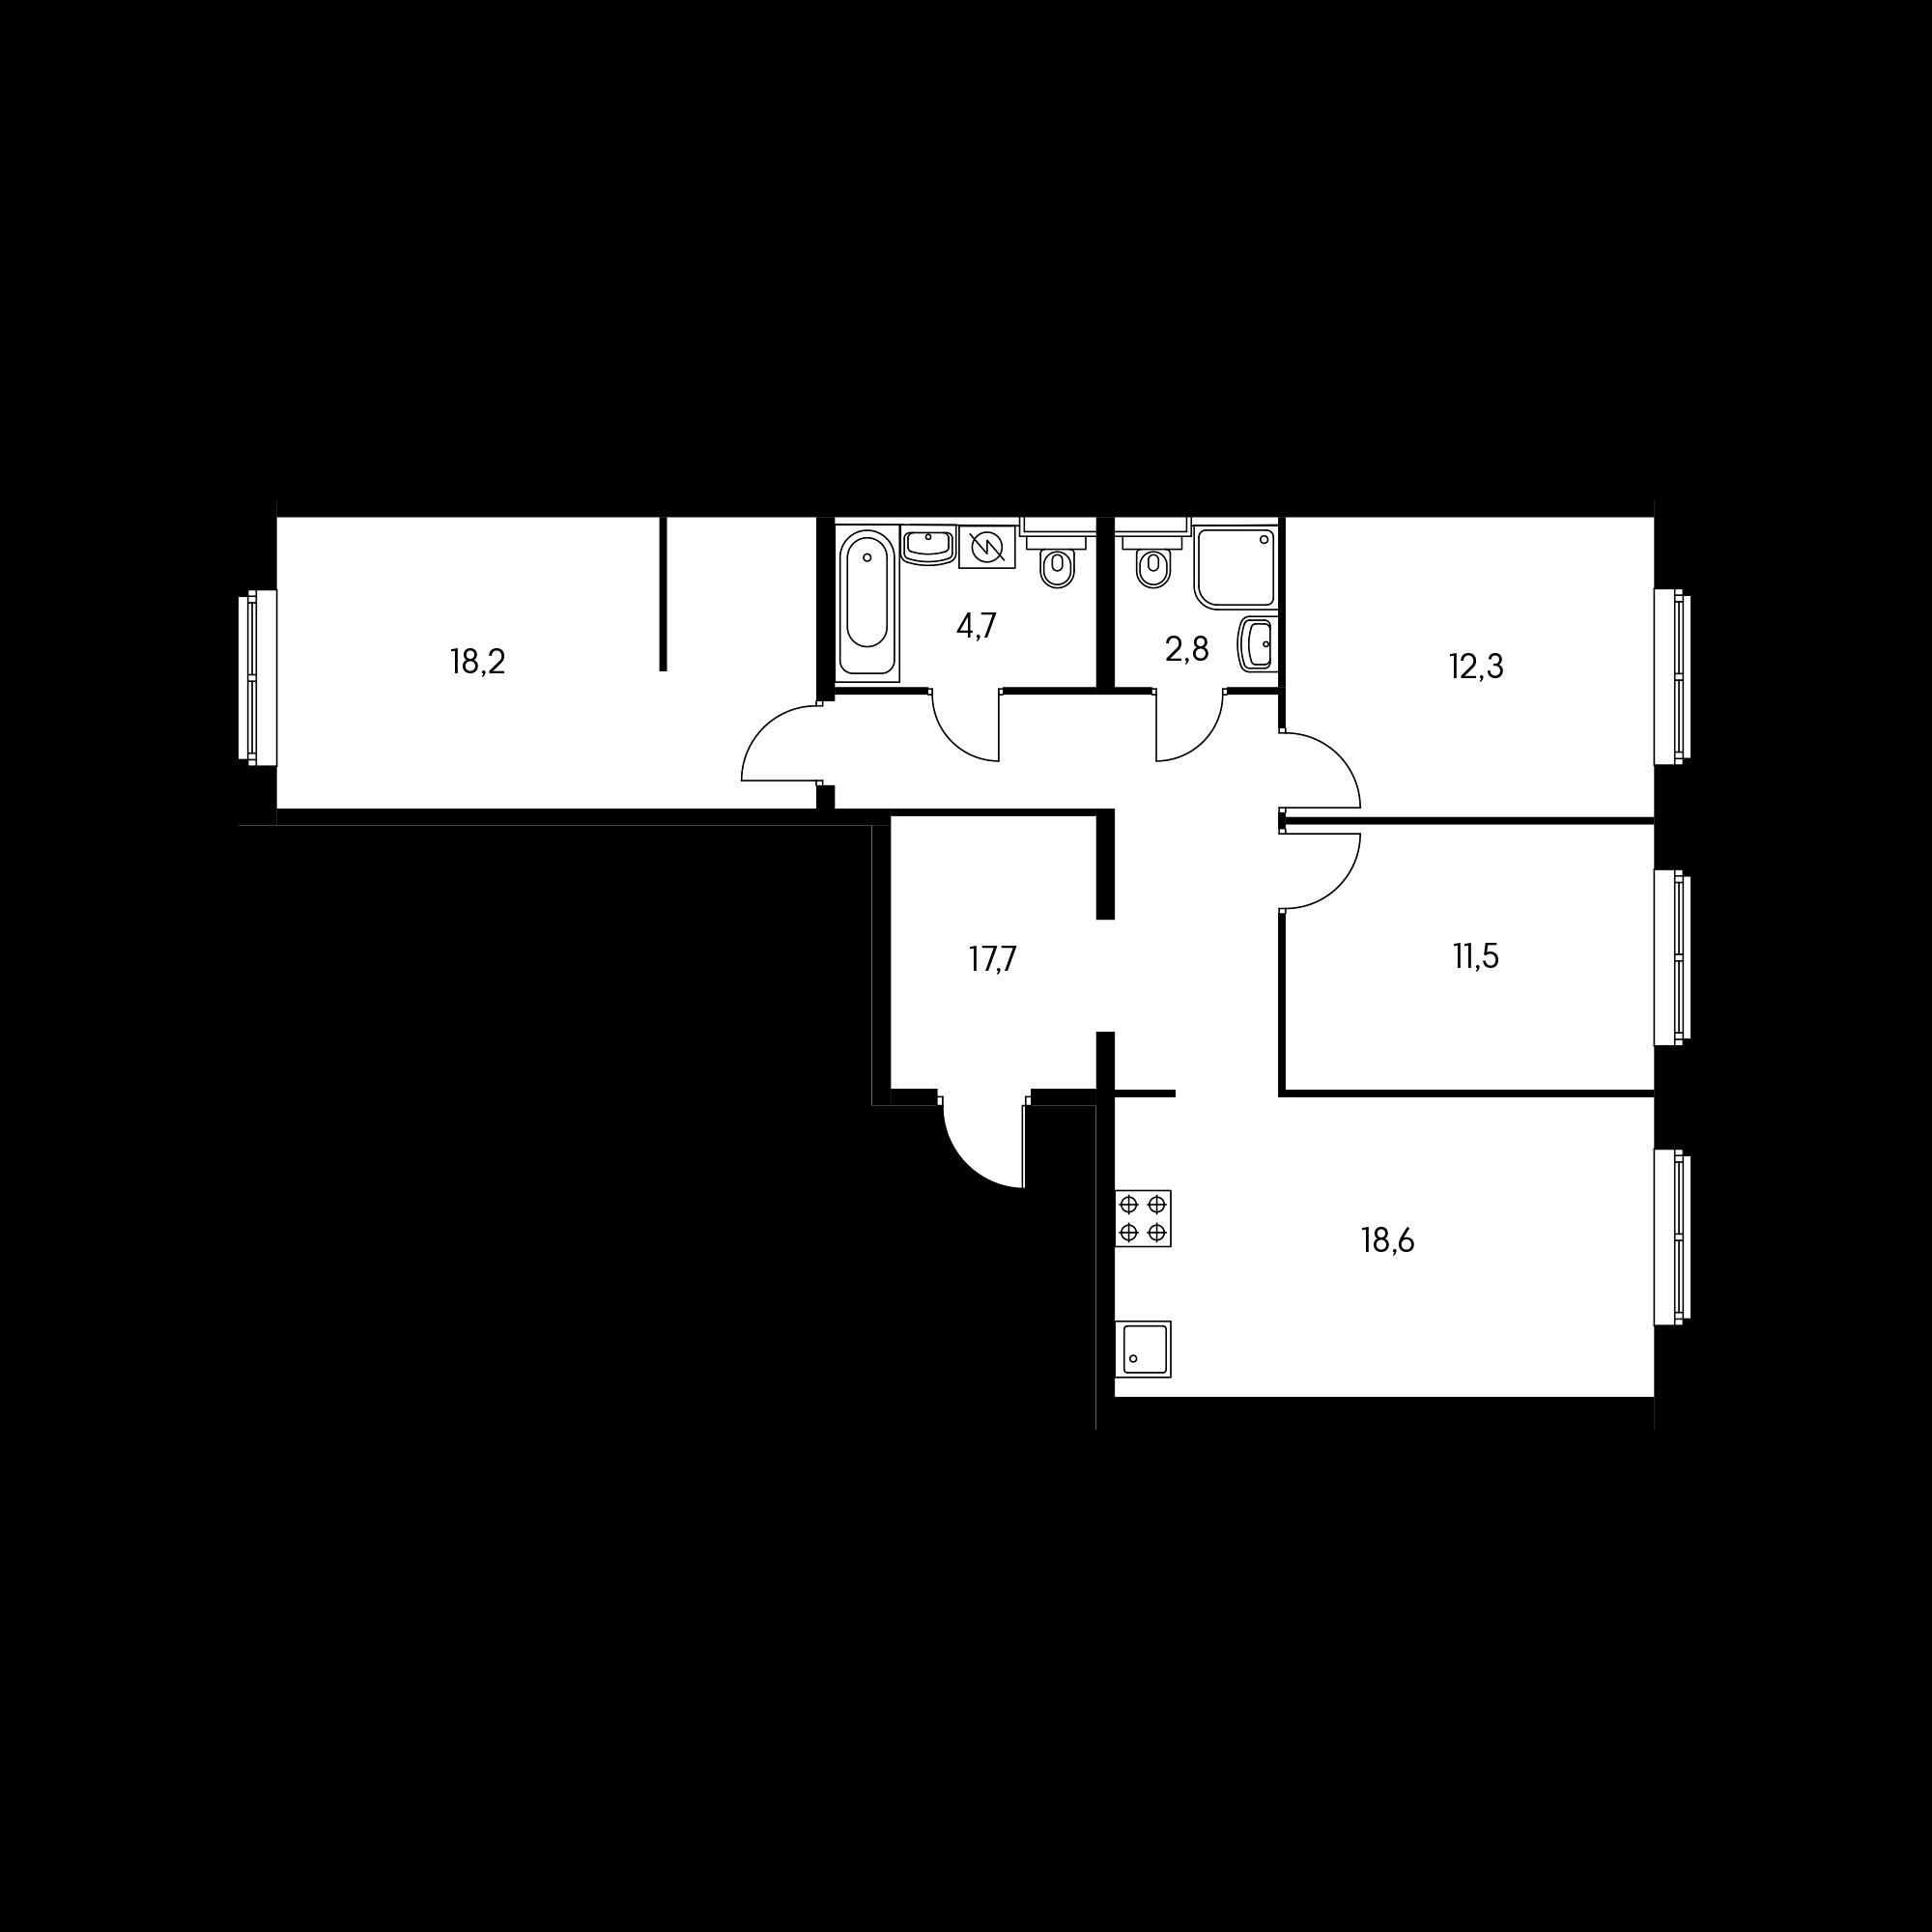 3EL3_9.6-1_T_A_1